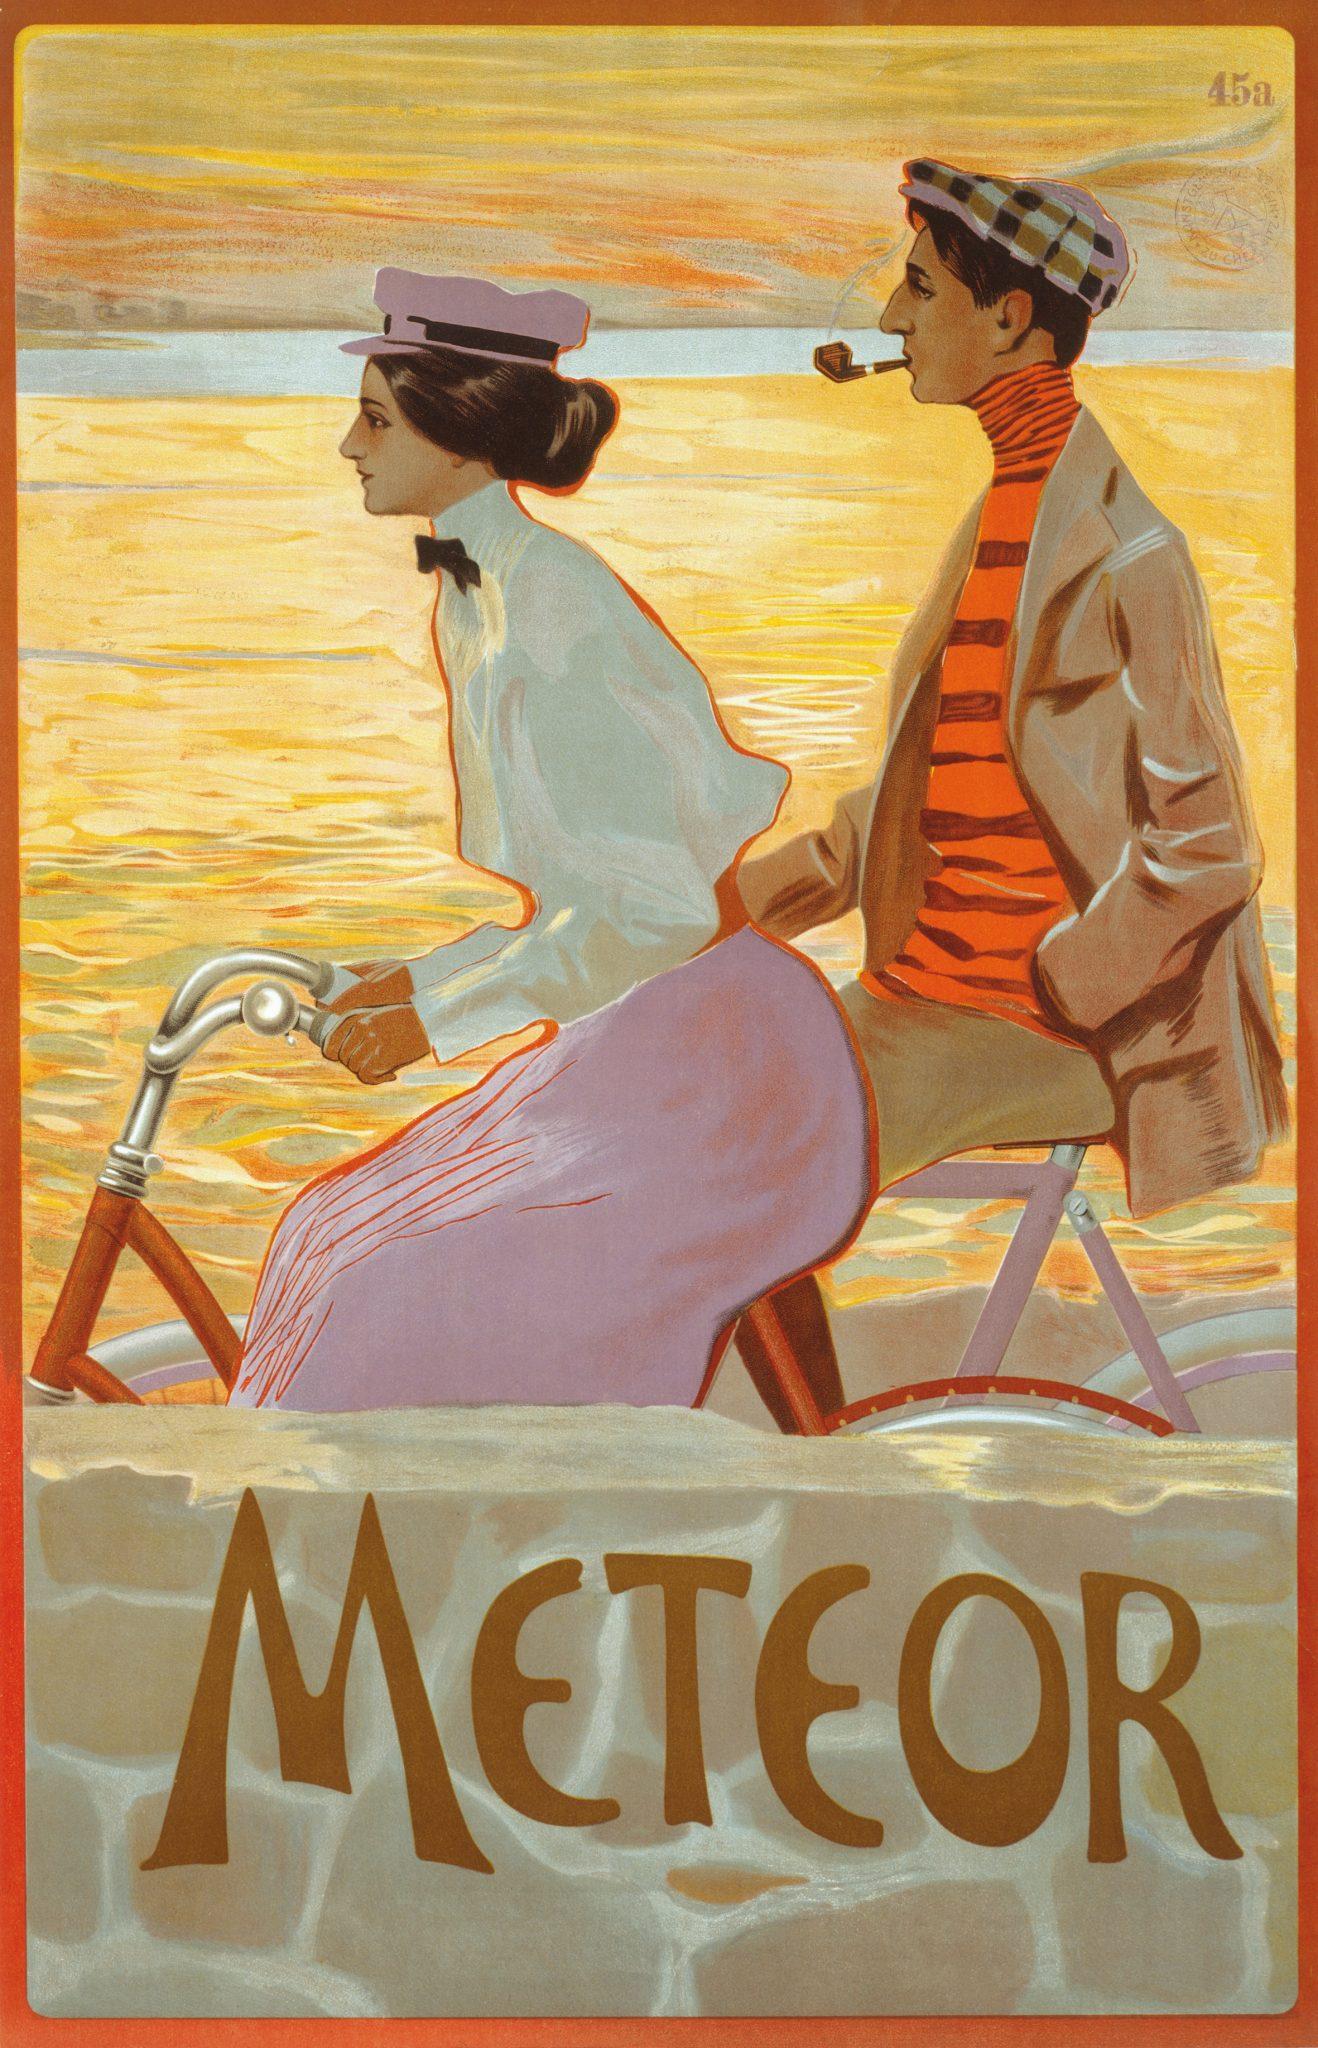 Plakat Meteor, um 1900, Farblithografie